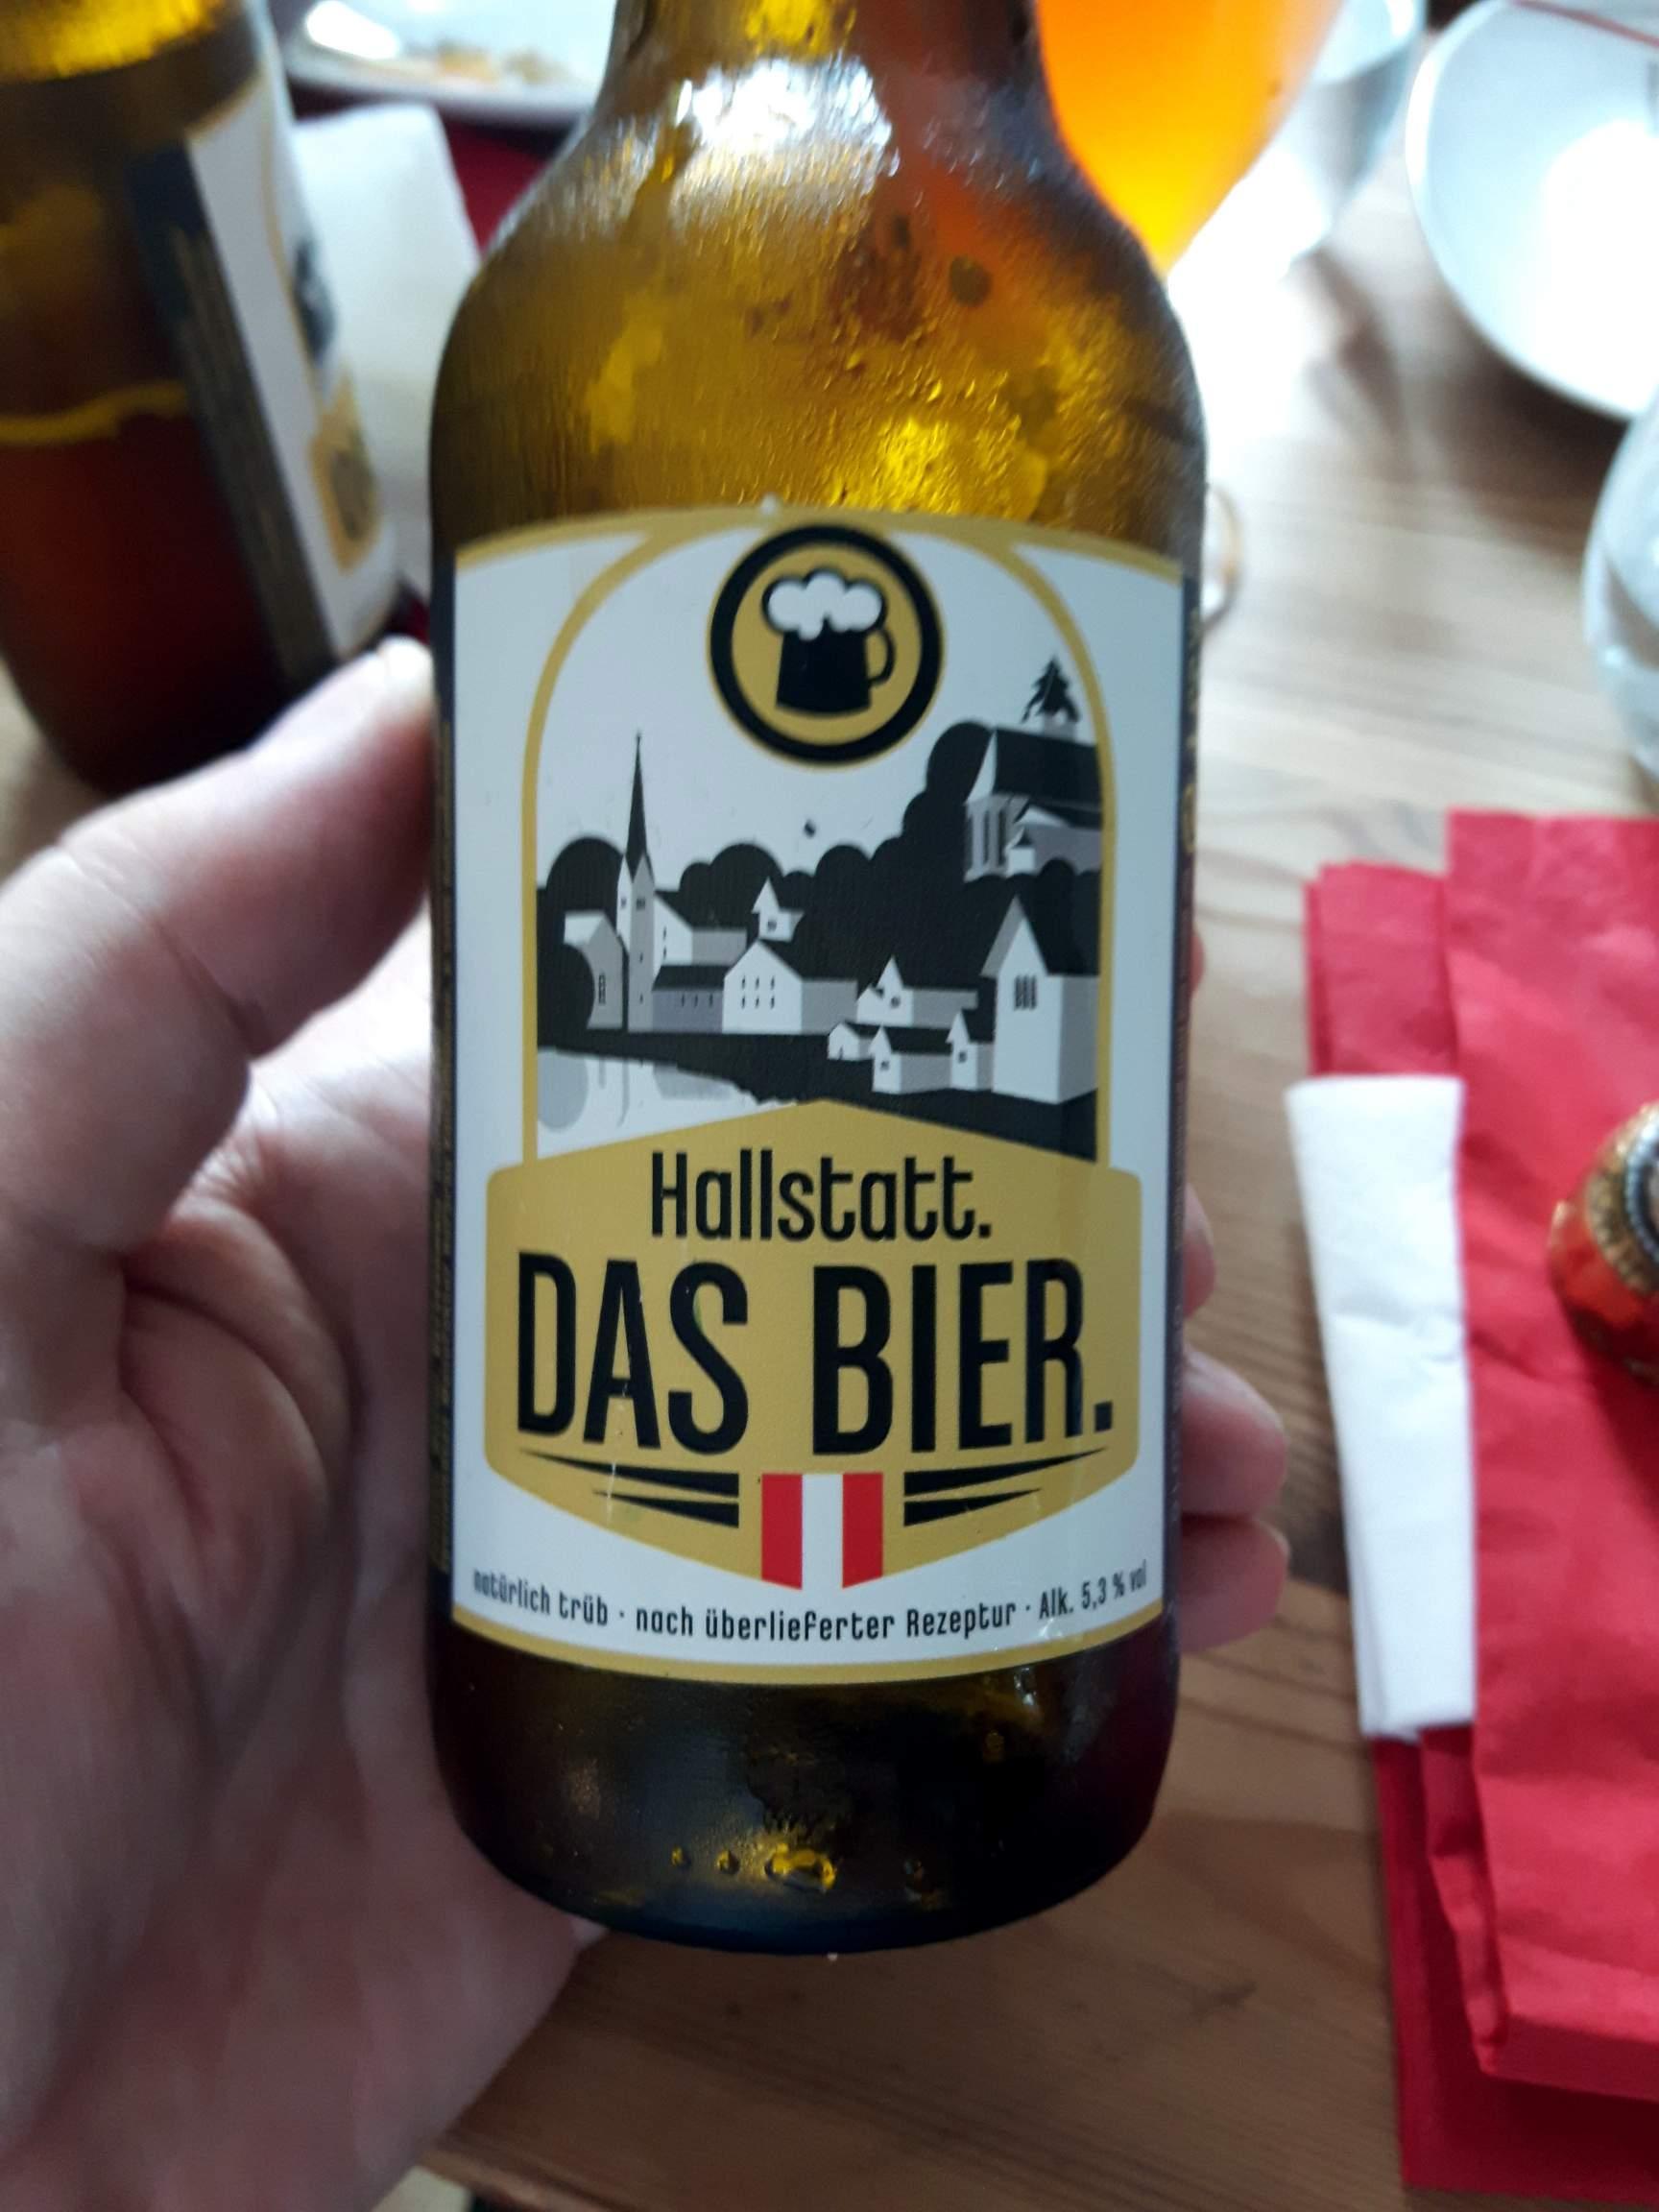 Hallstadt_dasBier